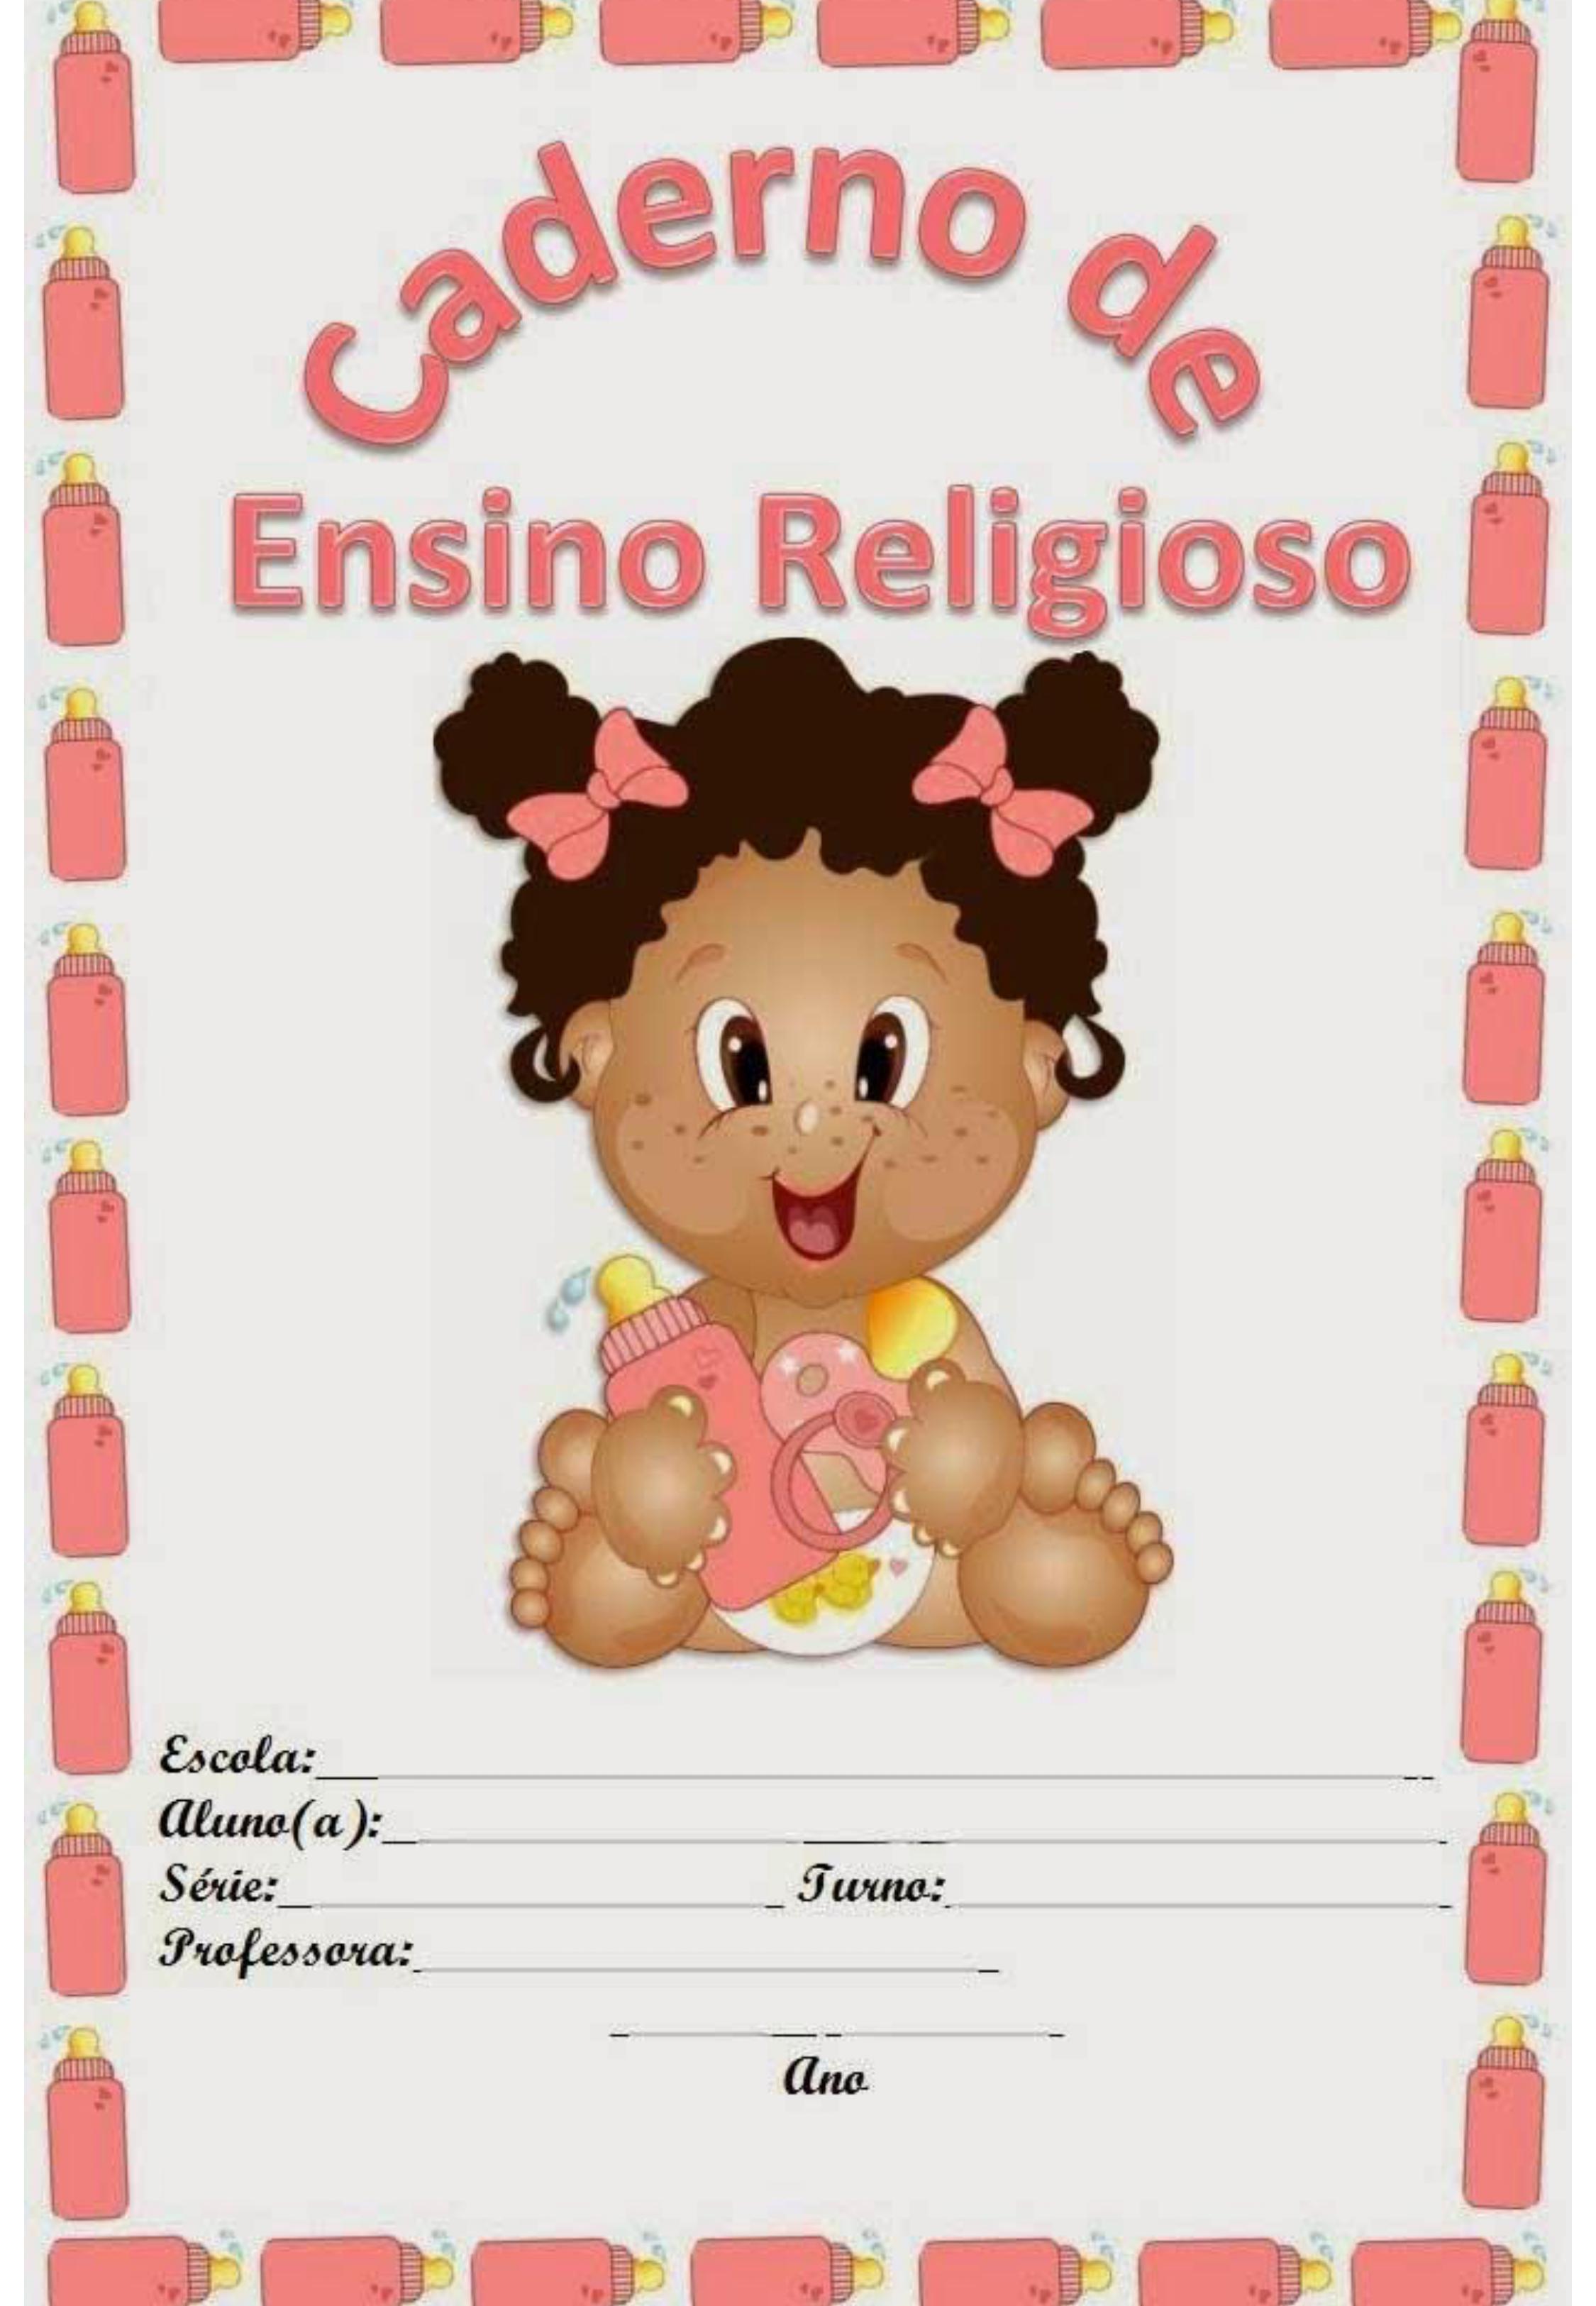 capa de caderno colorido de ensino religioso